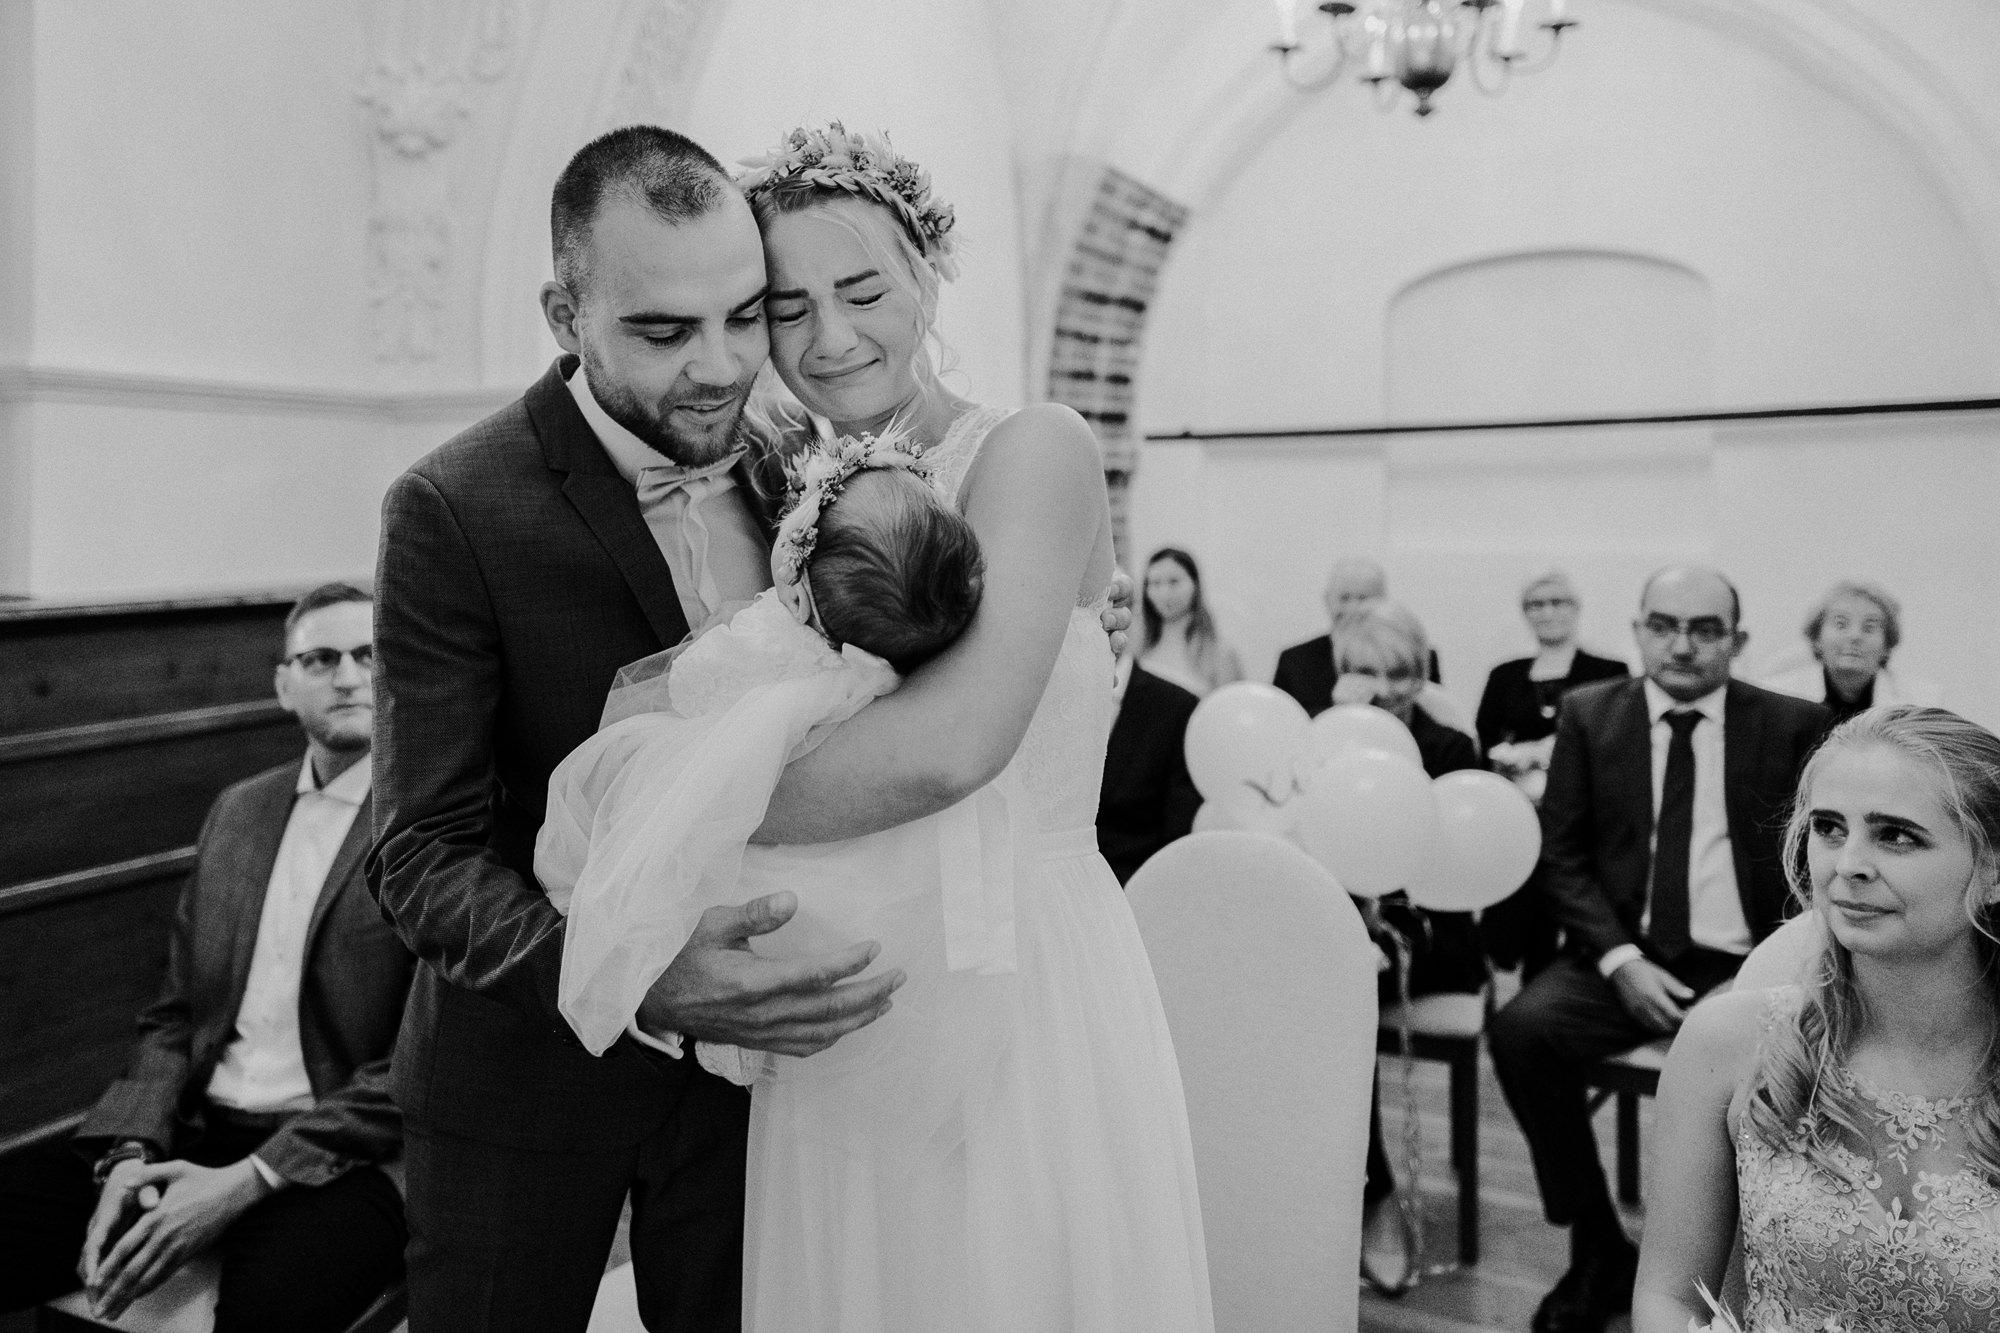 Hochzeitsfotograf Stralsund - Hochzeitsreportage - Standesamt - Rathaus Stralsund - Hochzeitsfotografie - Gorch Fock - Heiraten - Ostsee - Rügen